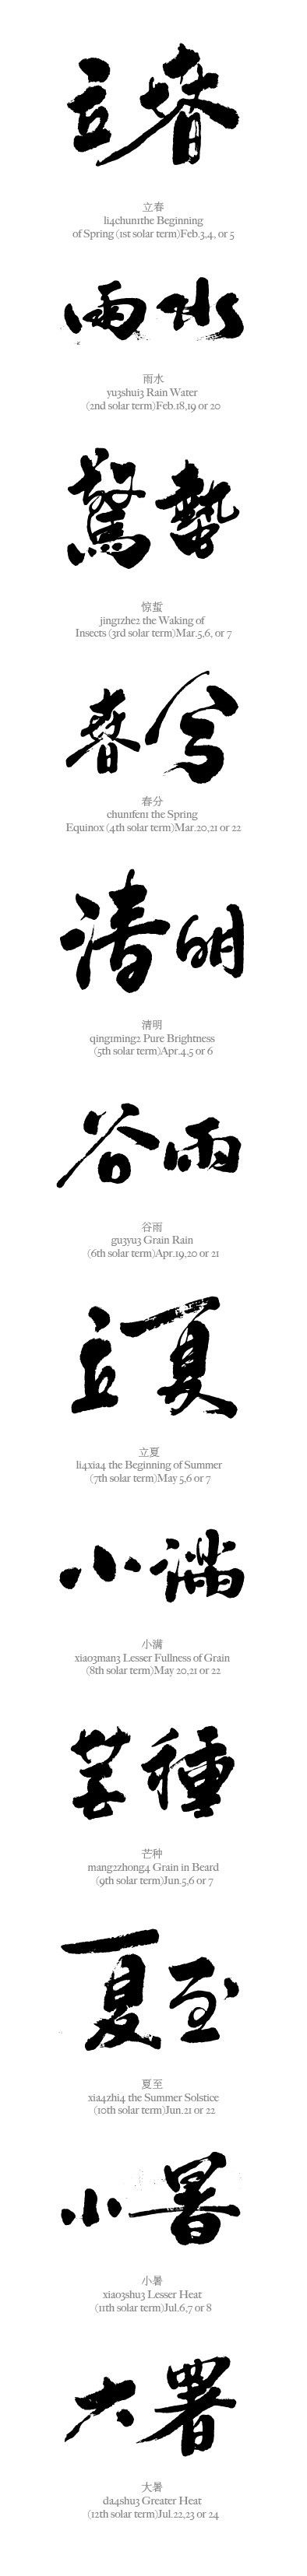 查看《二十四节气应用书法 北京灵鹿创意作品》原图,原图尺寸:394x3310